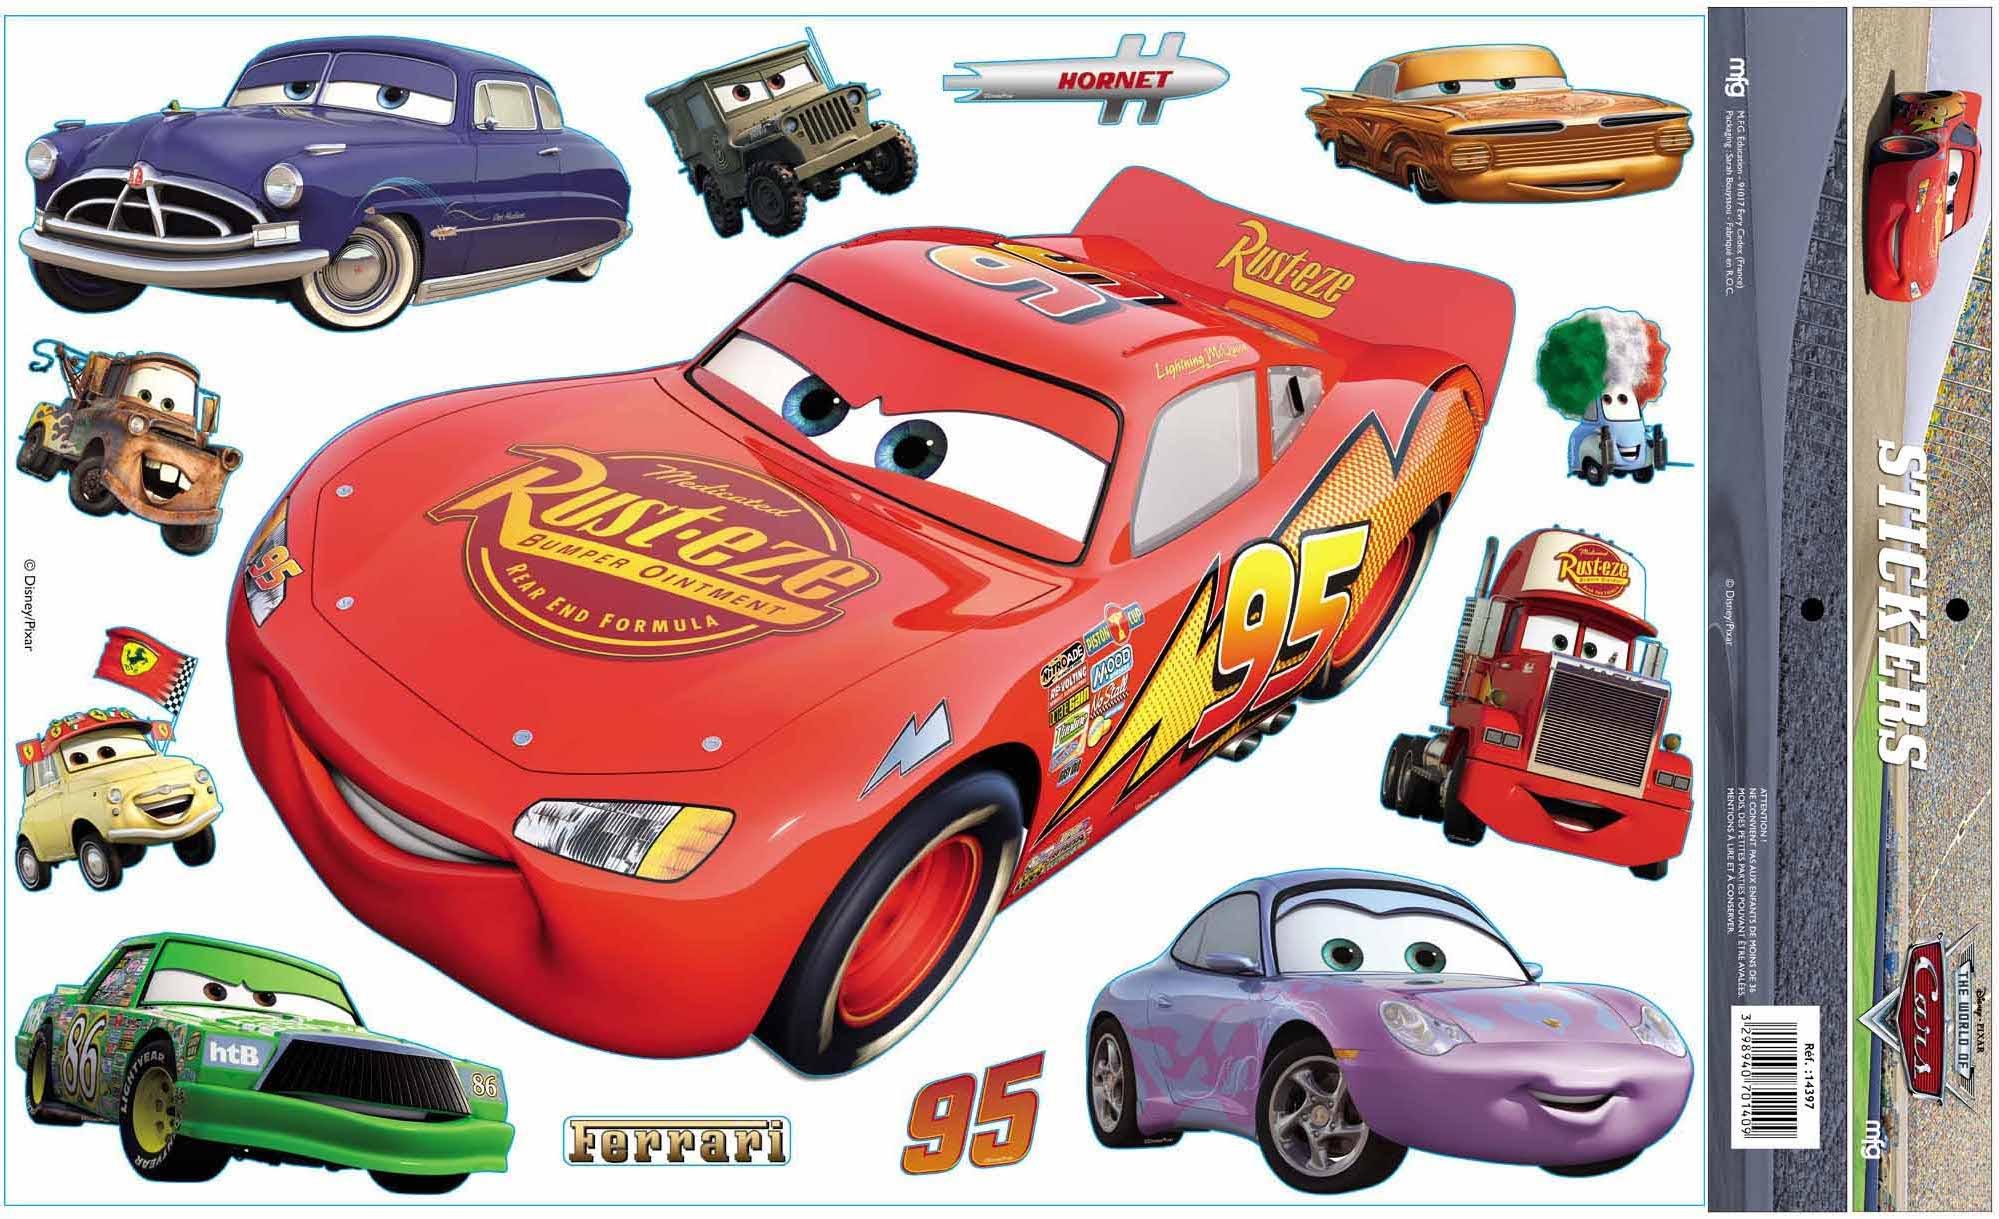 Dessins En Couleurs À Imprimer : Cars, Numéro : 266123 avec Dessin A Imprimer Gratuit Cars